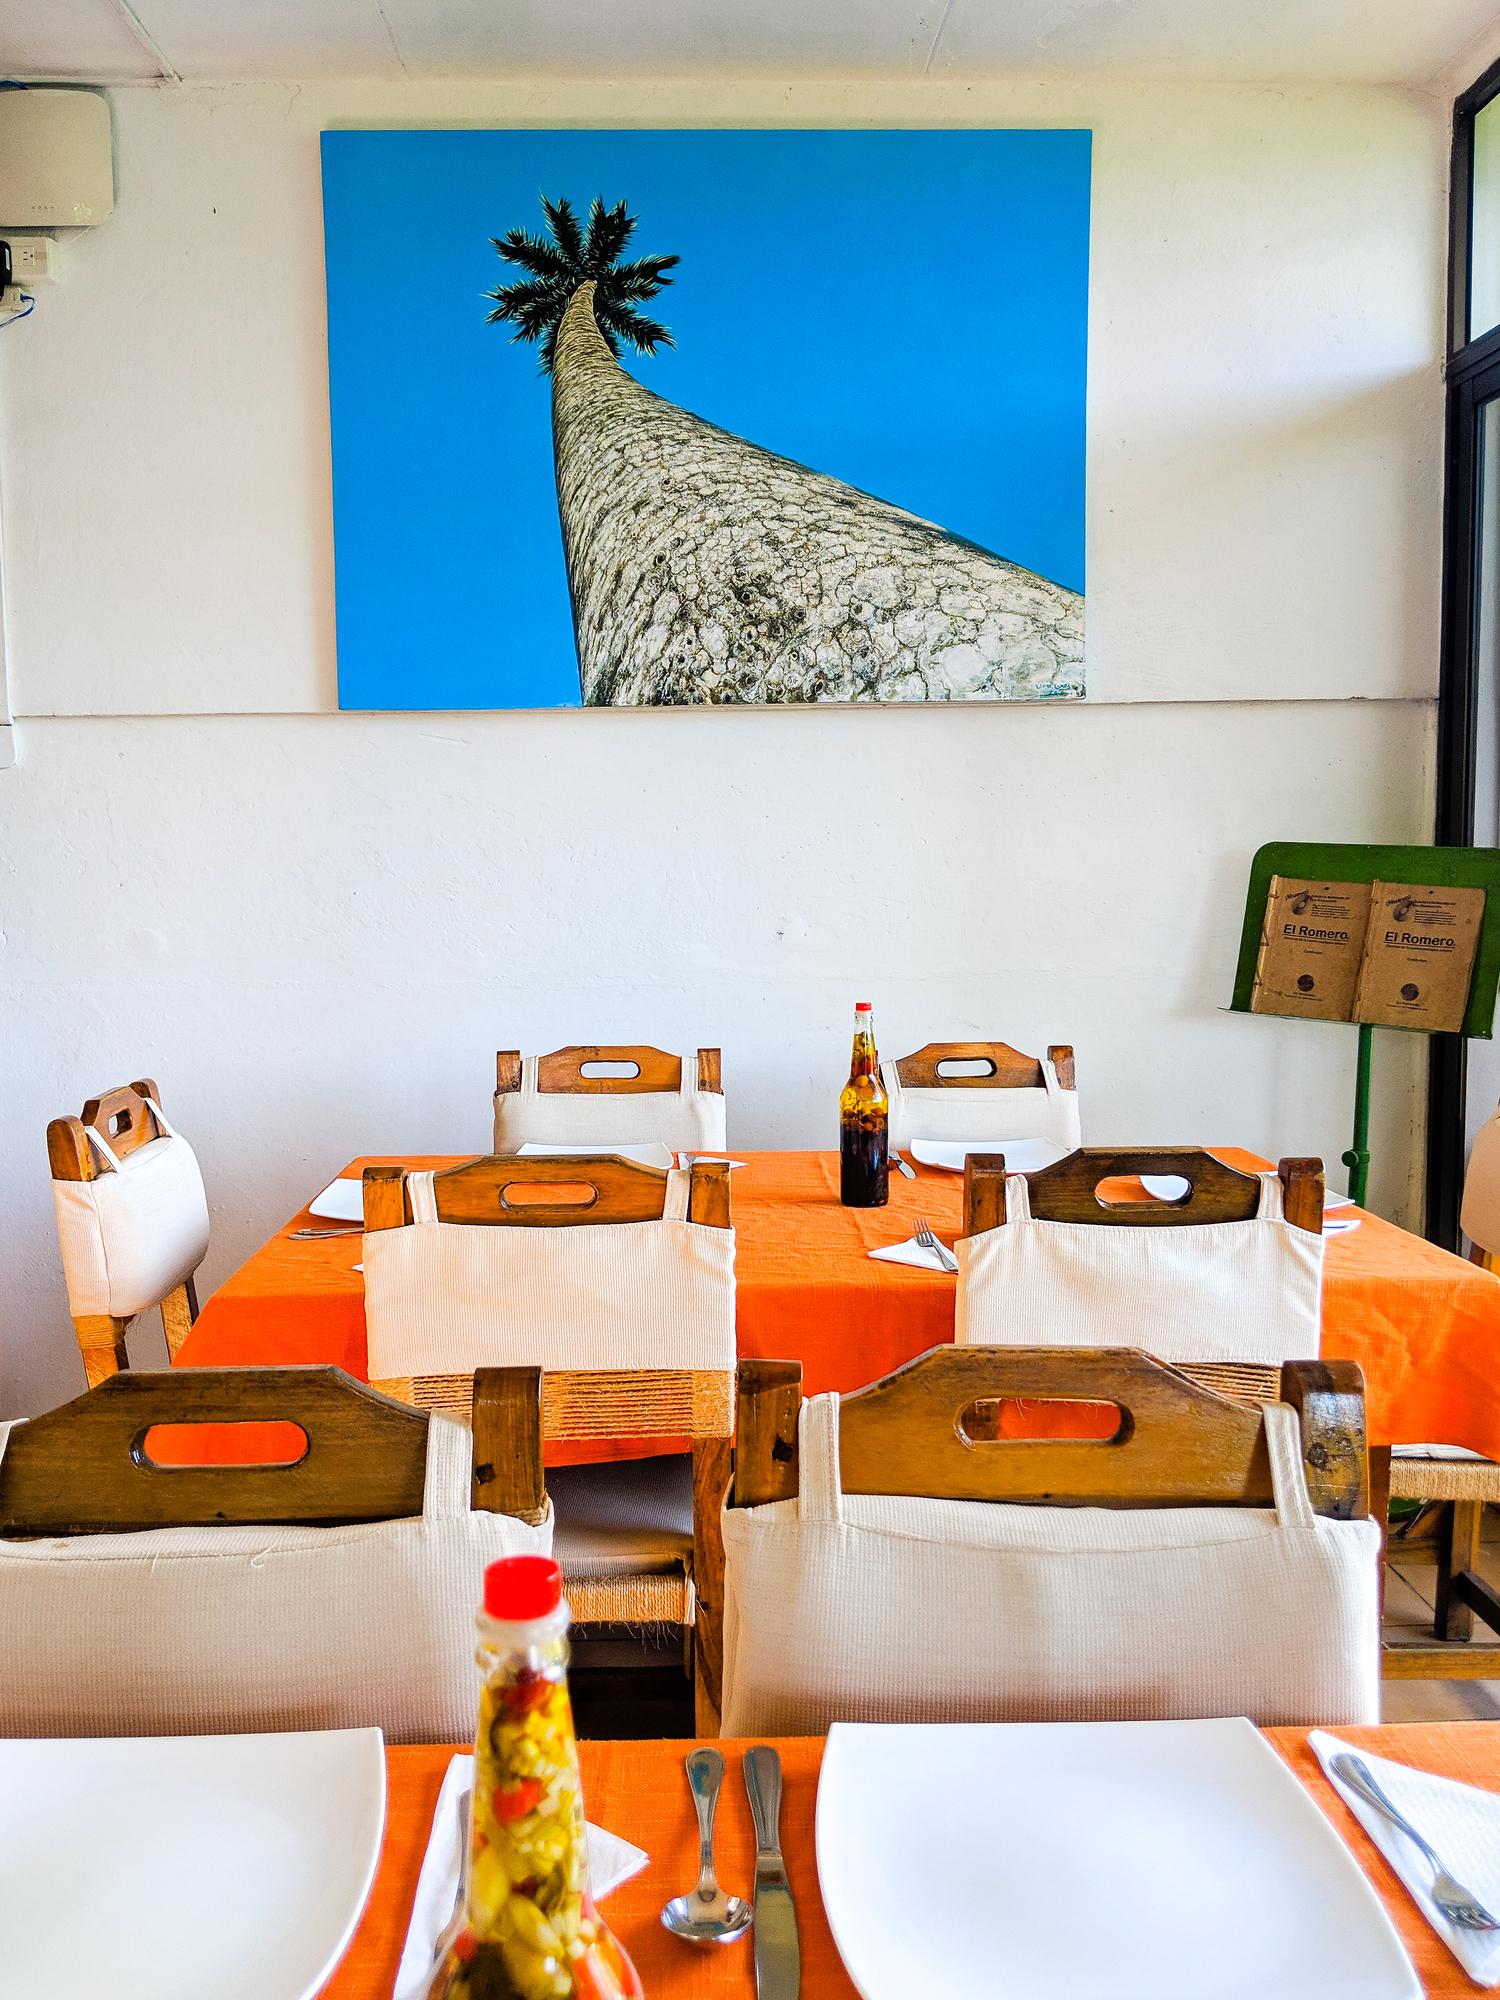 El Romero restaurant in Las Terrazas Cuba